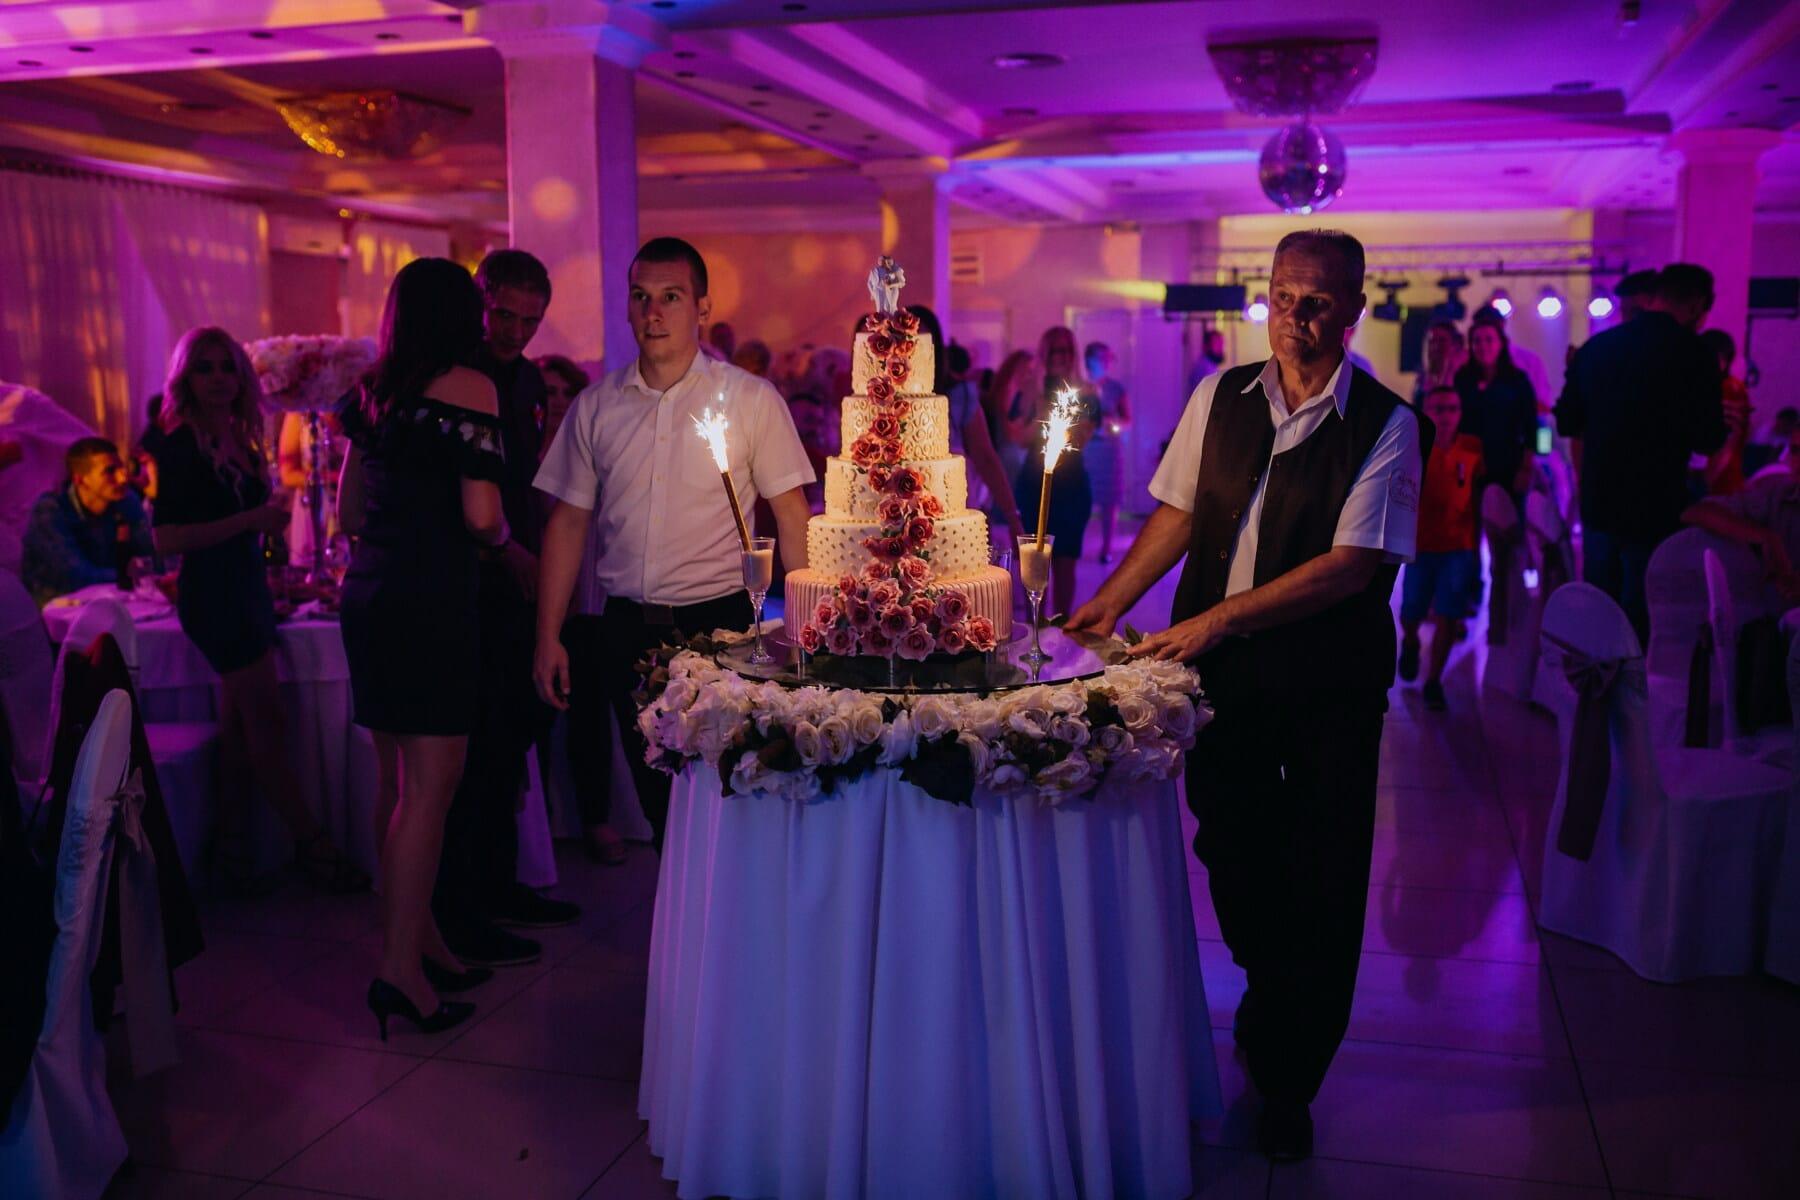 gâteau de mariage, hôtel, barman, mariage, cérémonie, boîte de nuit, spectateur, foule, spectaculaire, performances